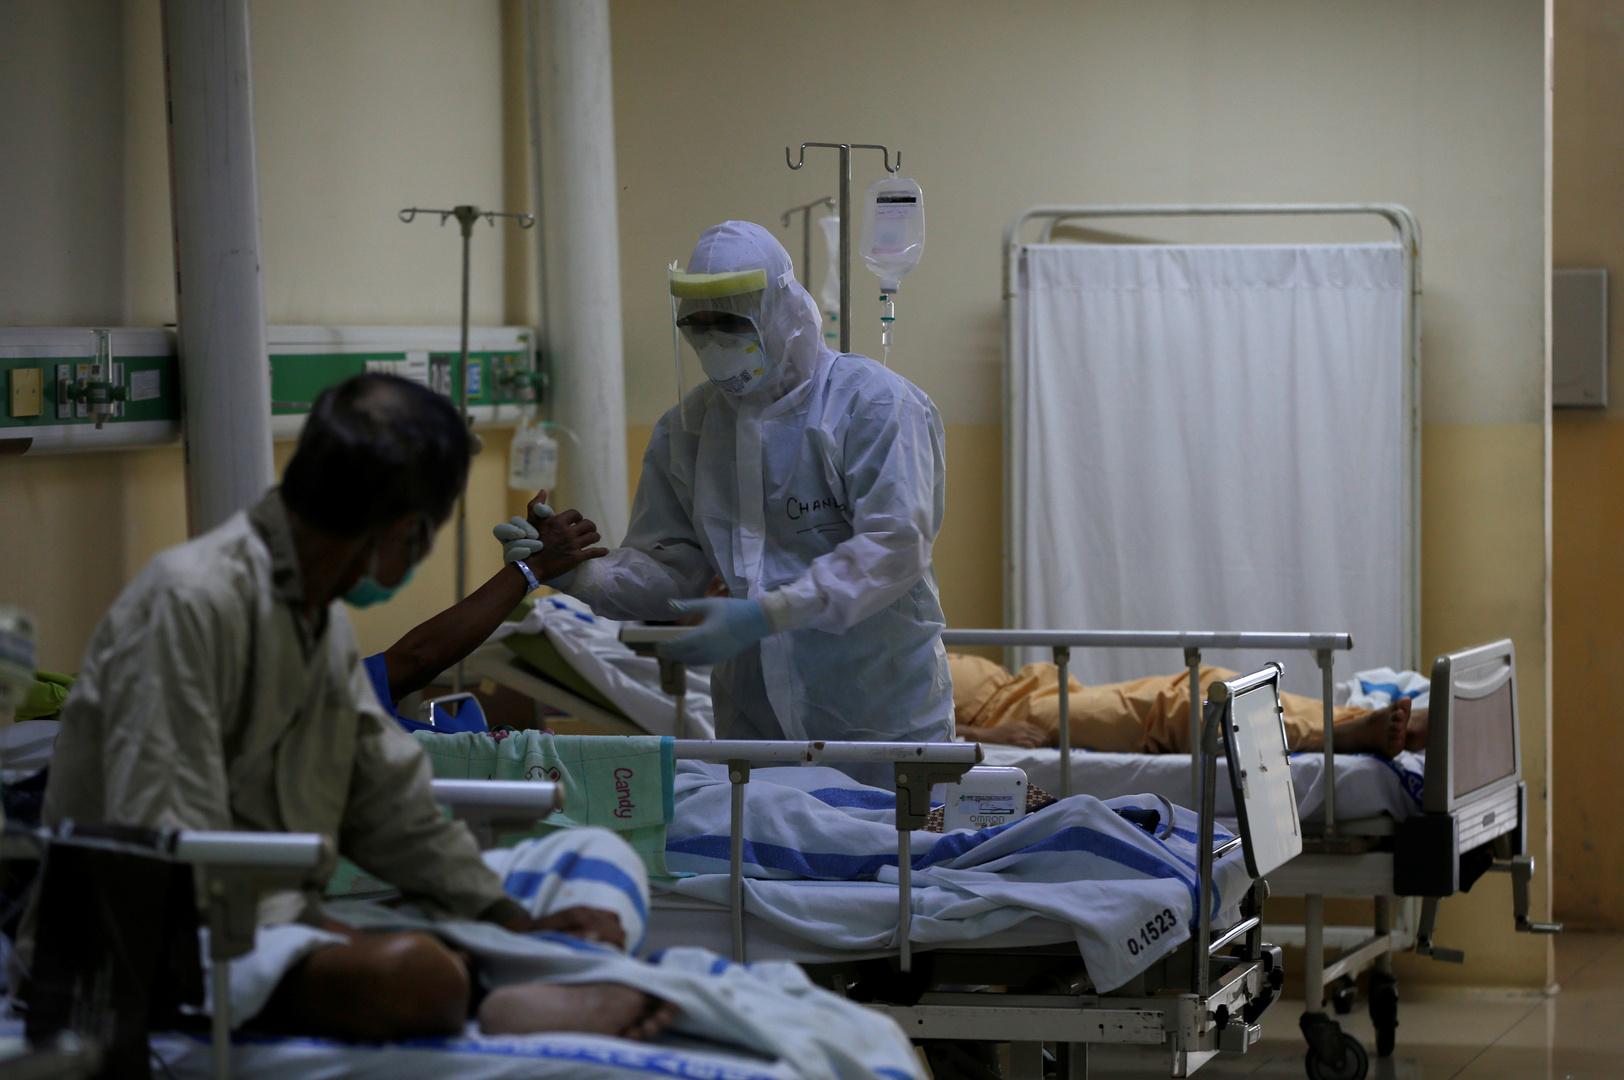 إندونيسيا تسجل أكبر زيادة يومية في إصابات كورونا